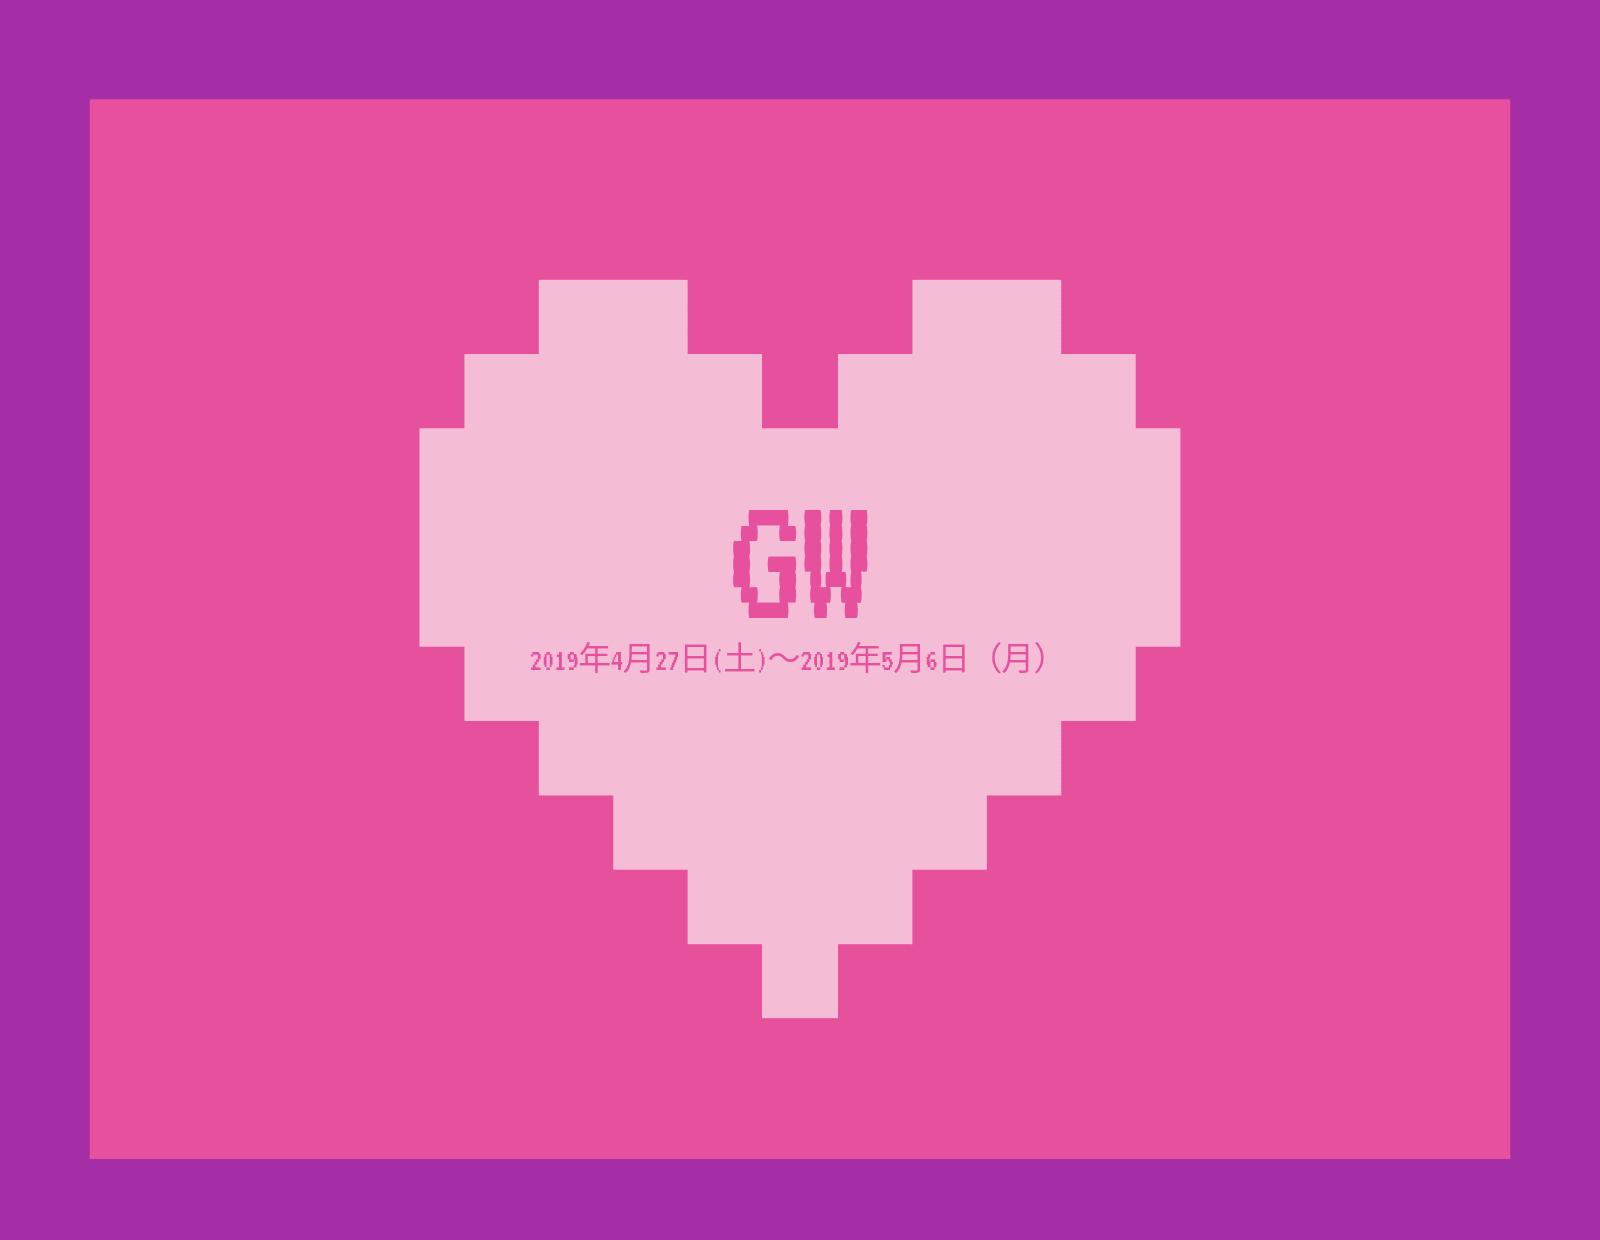 GW 2019年4月27日(土)~2019年5月6日(月)-min